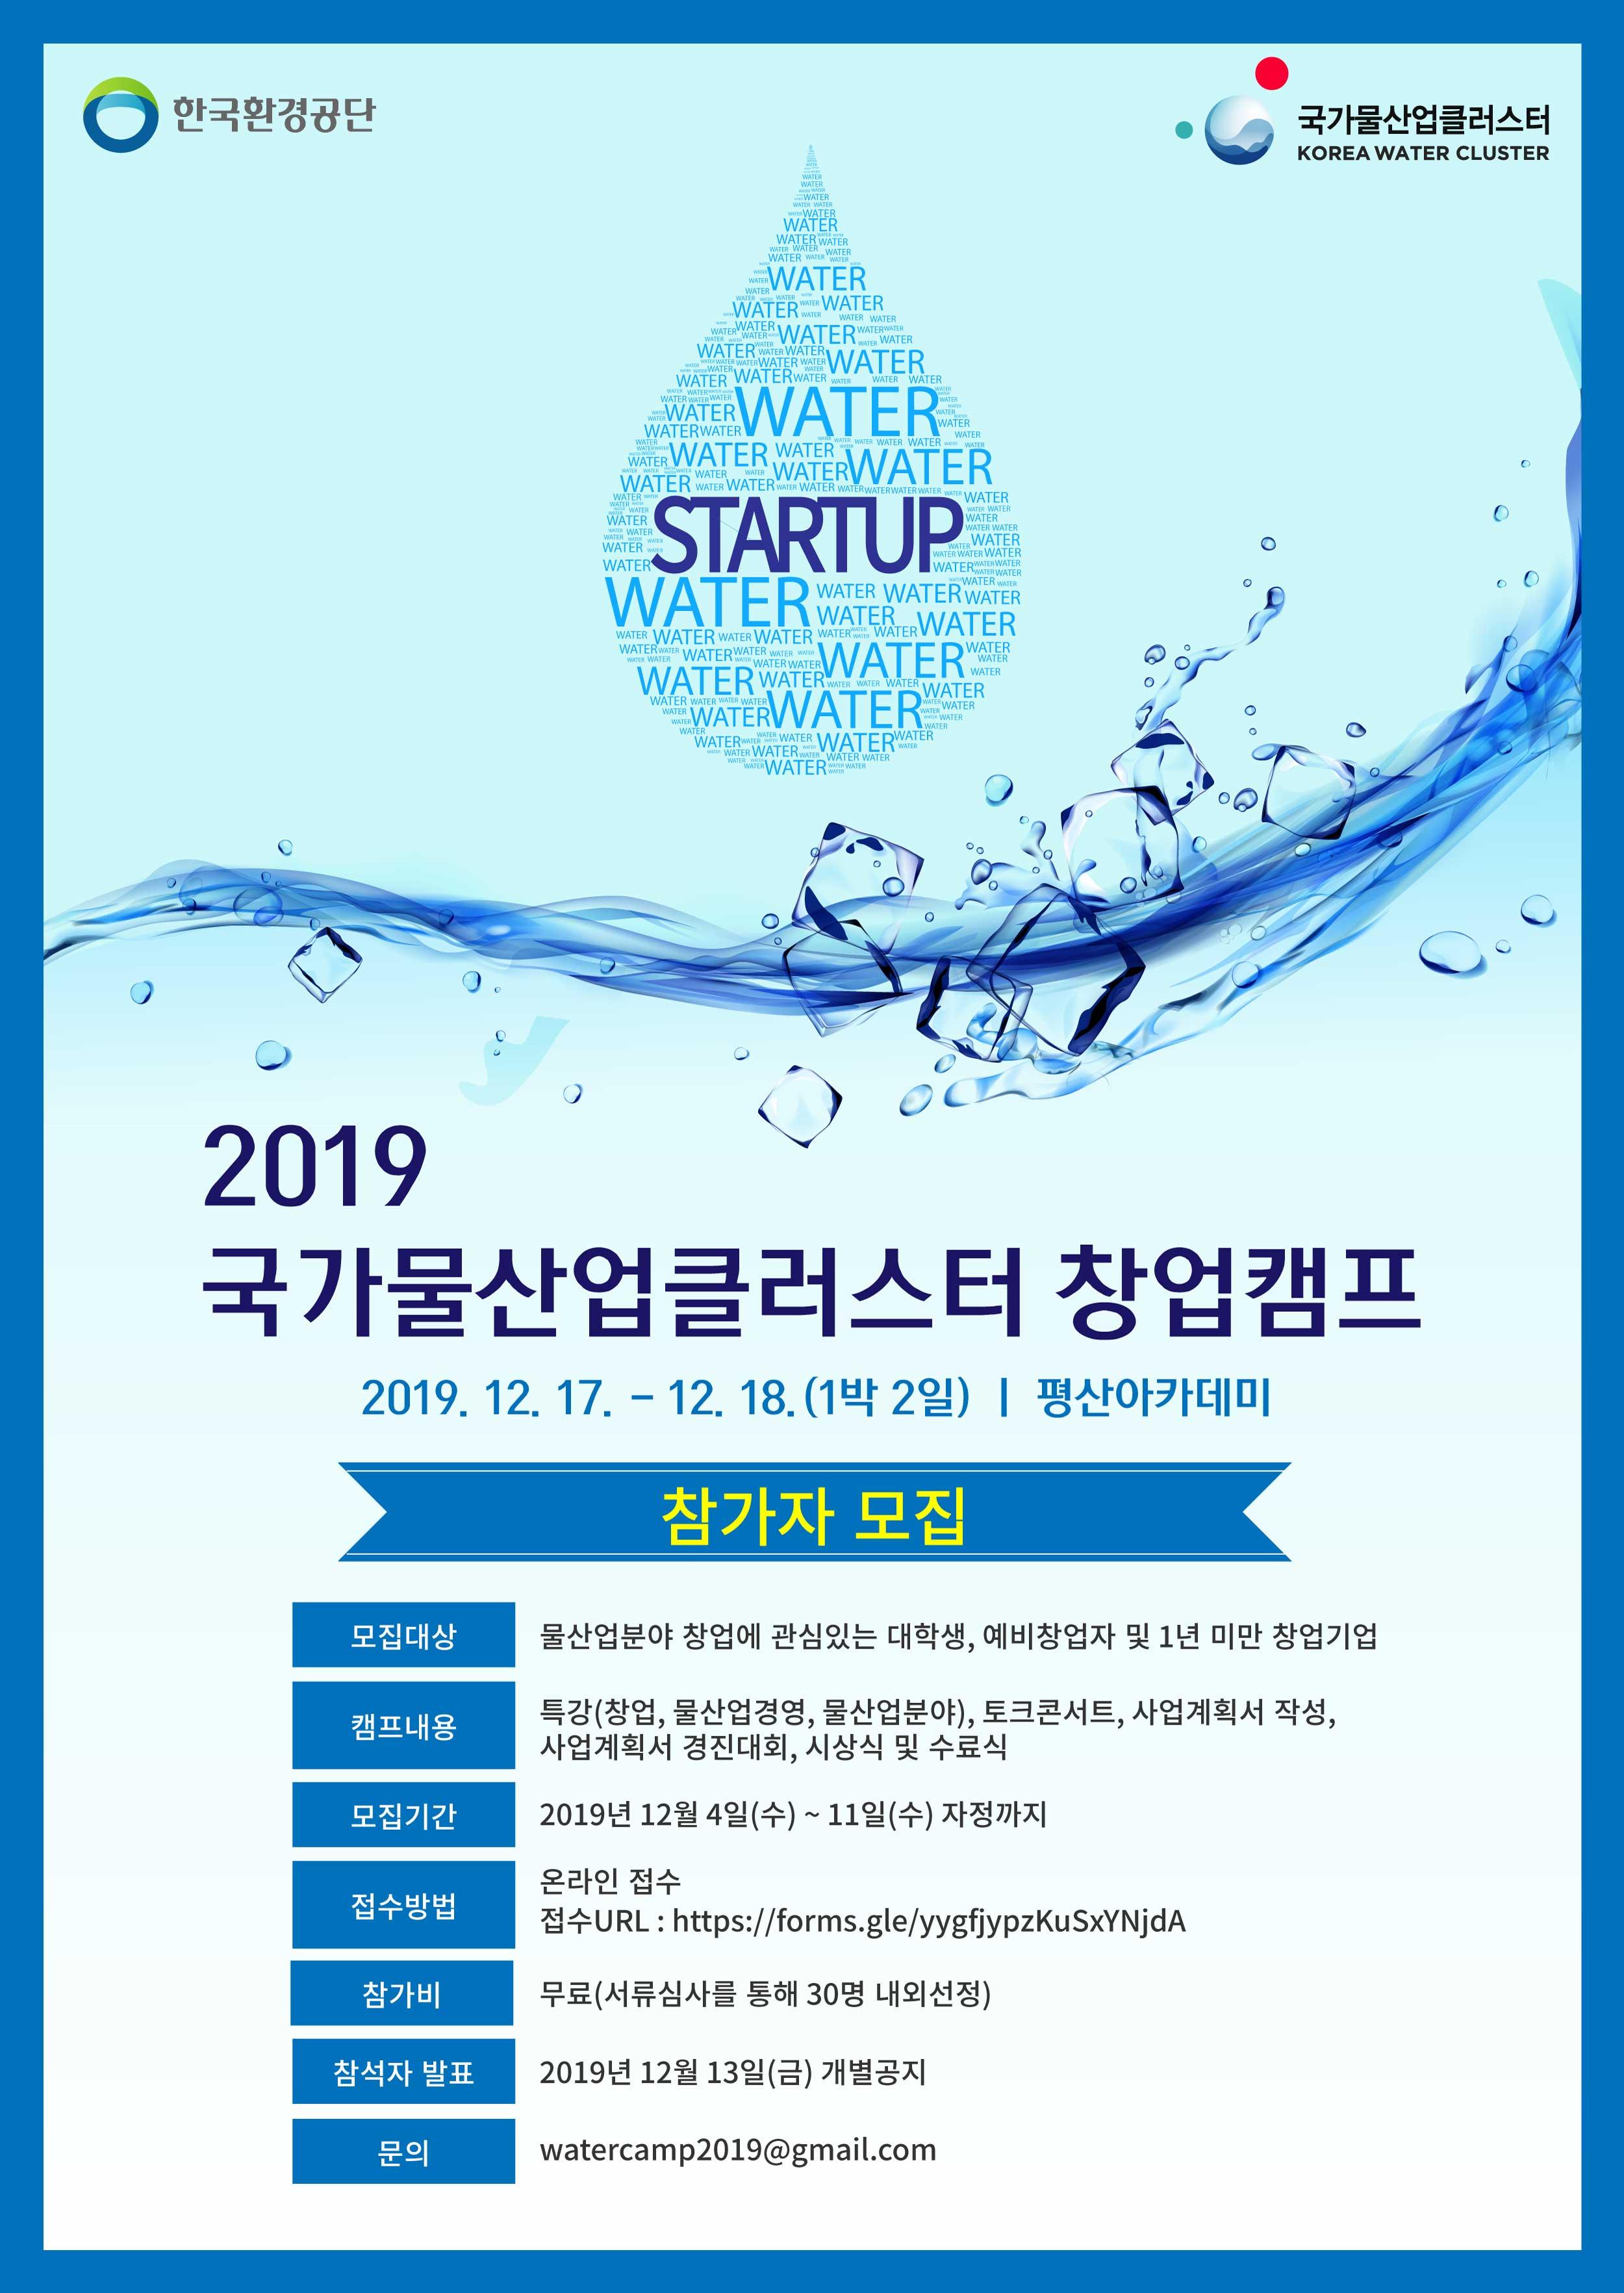 2019 국가물산업클러스터 창업캠프